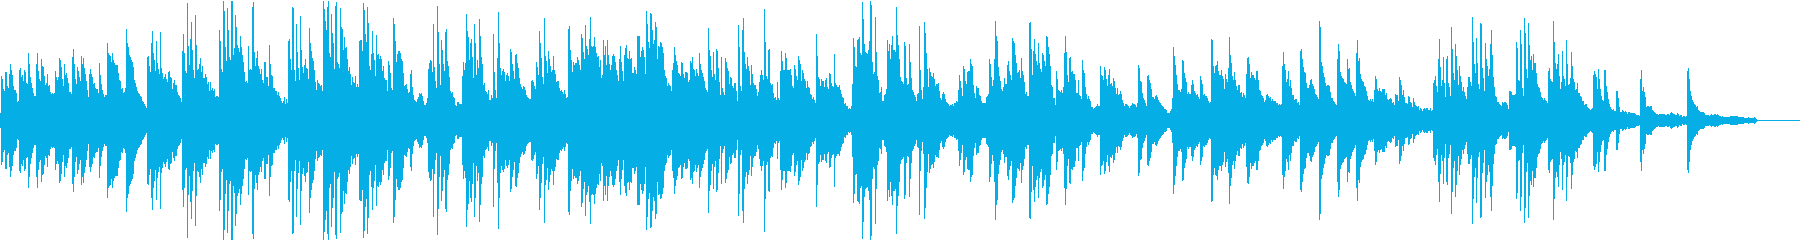 ヒーリングピアノ組曲 まどろみ 12の再生済みの波形